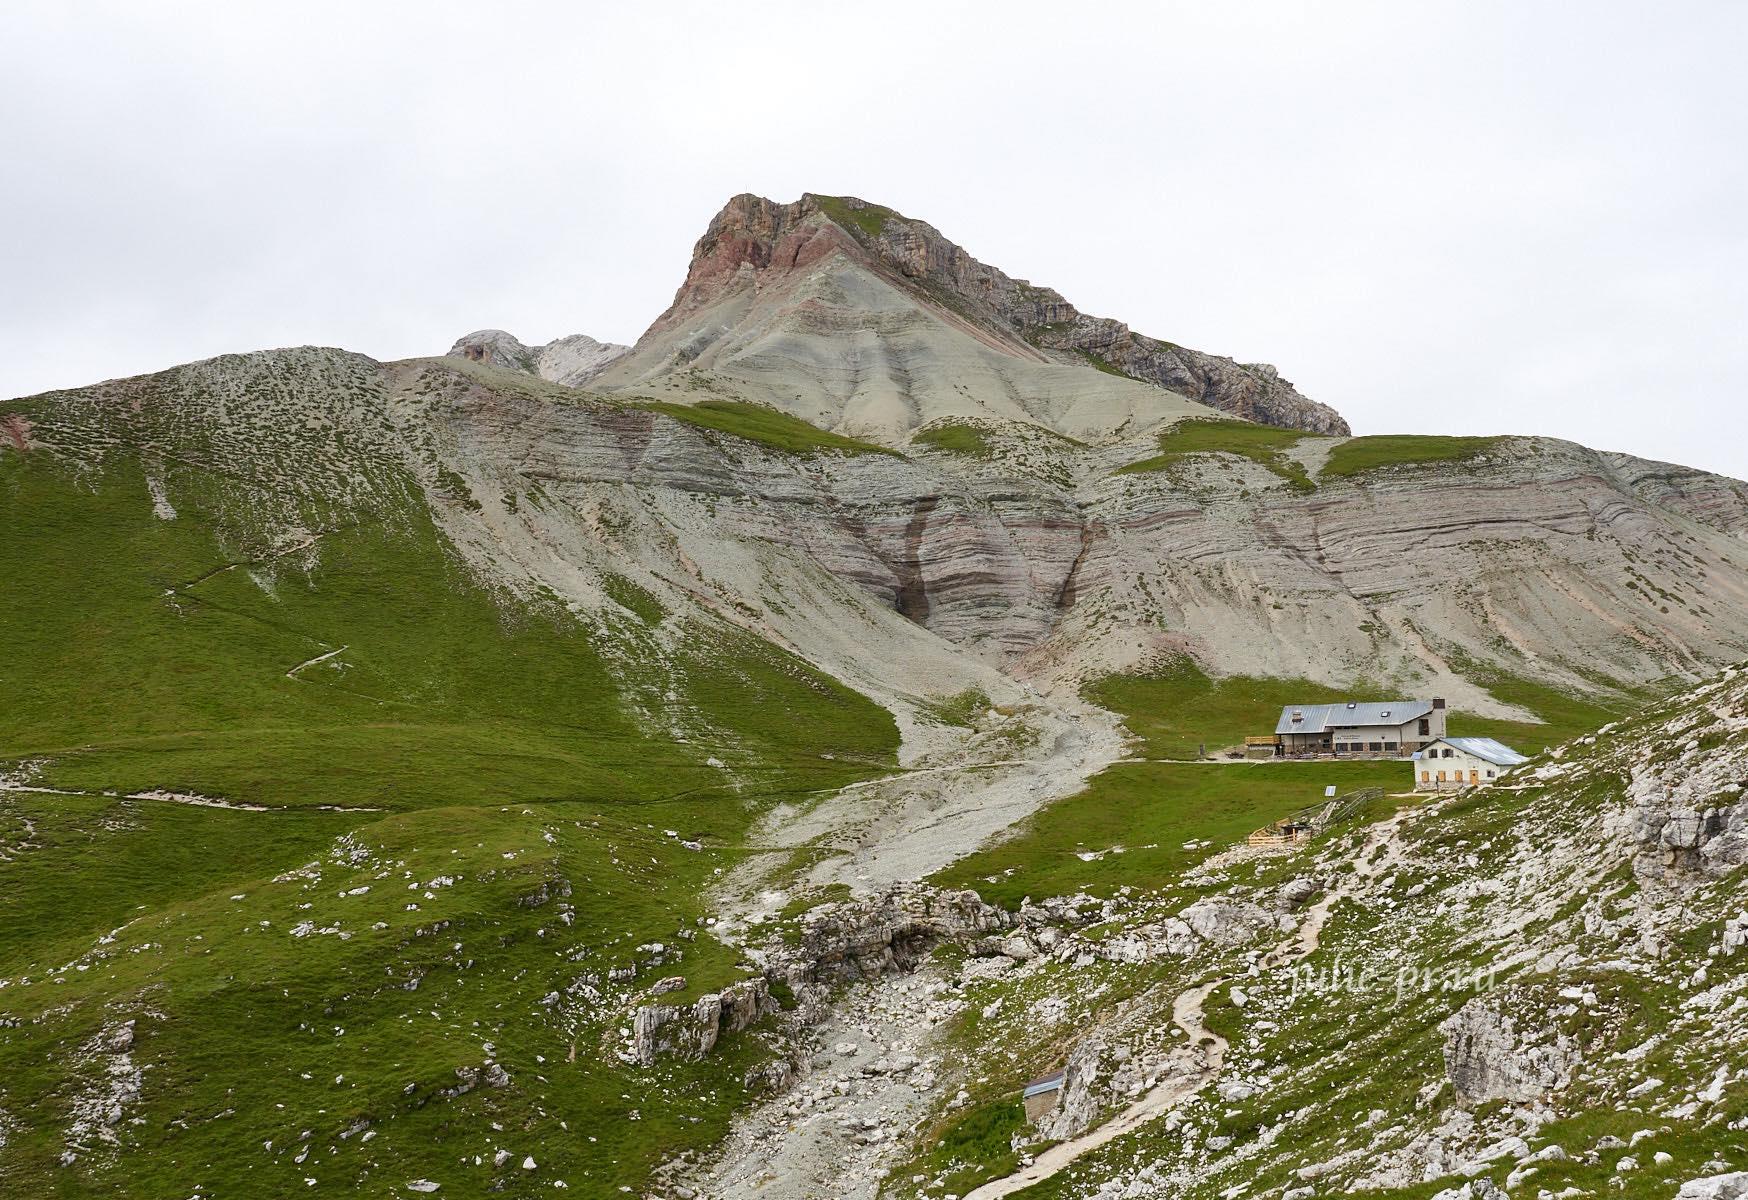 Италия, Альпы, Доломиты, Rifugio Puez